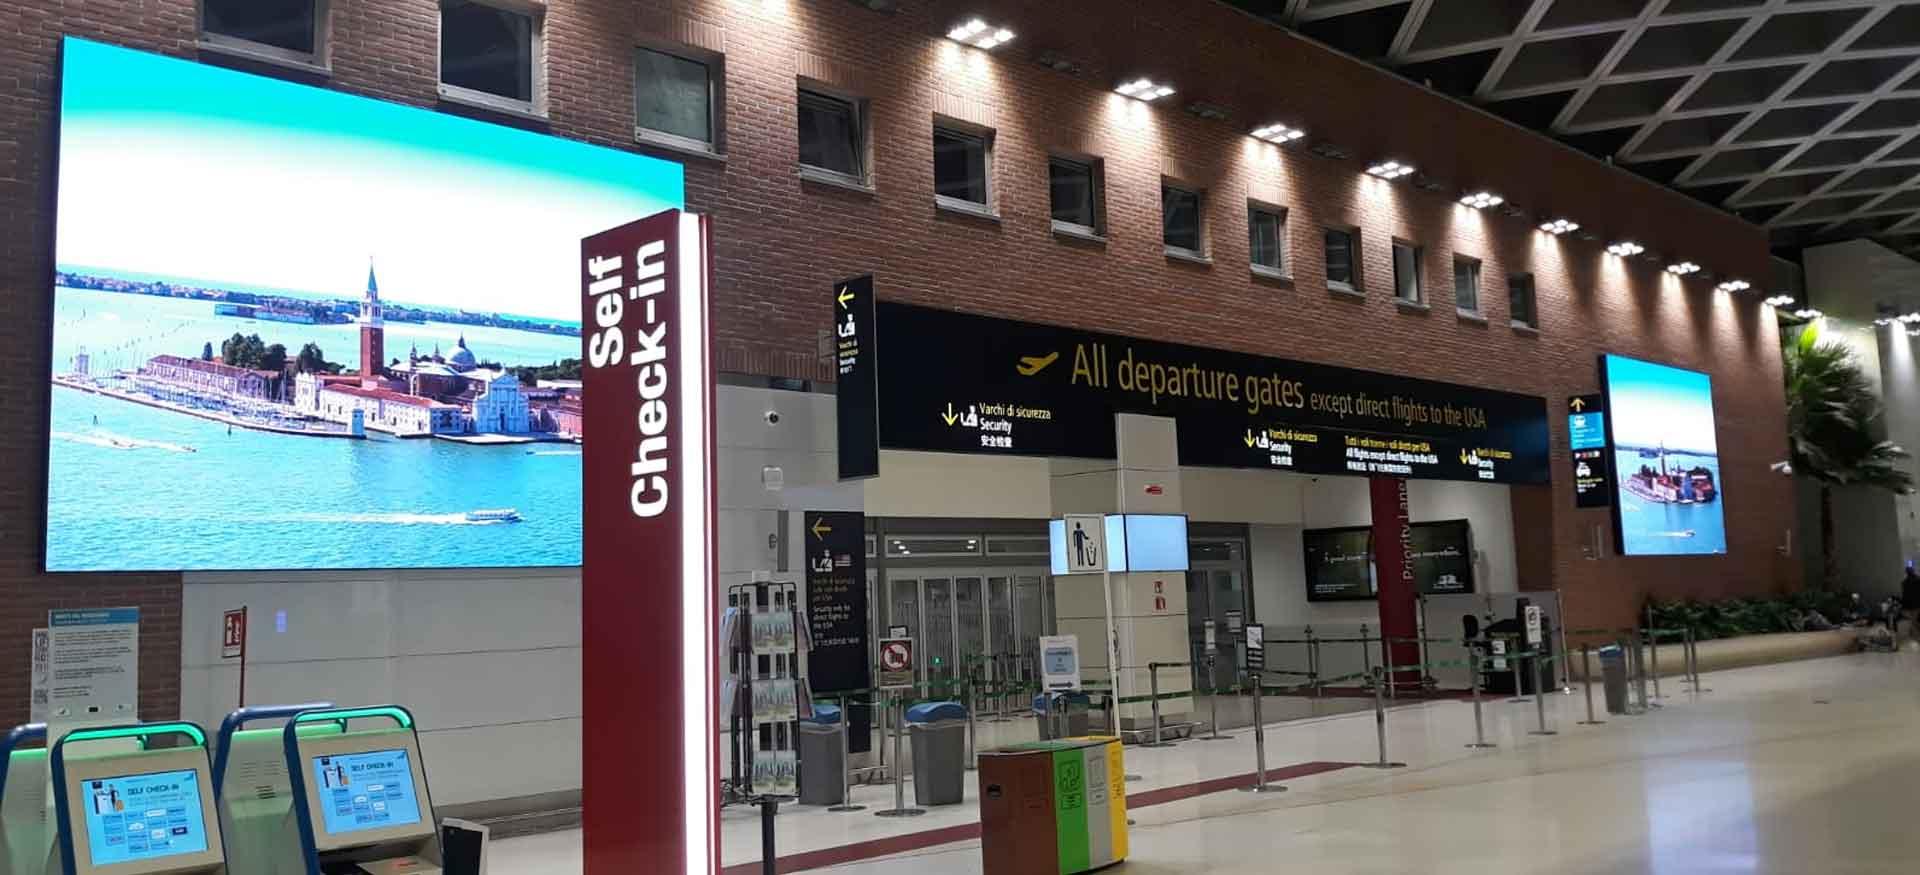 ledscreen_per_aeroporti indoor